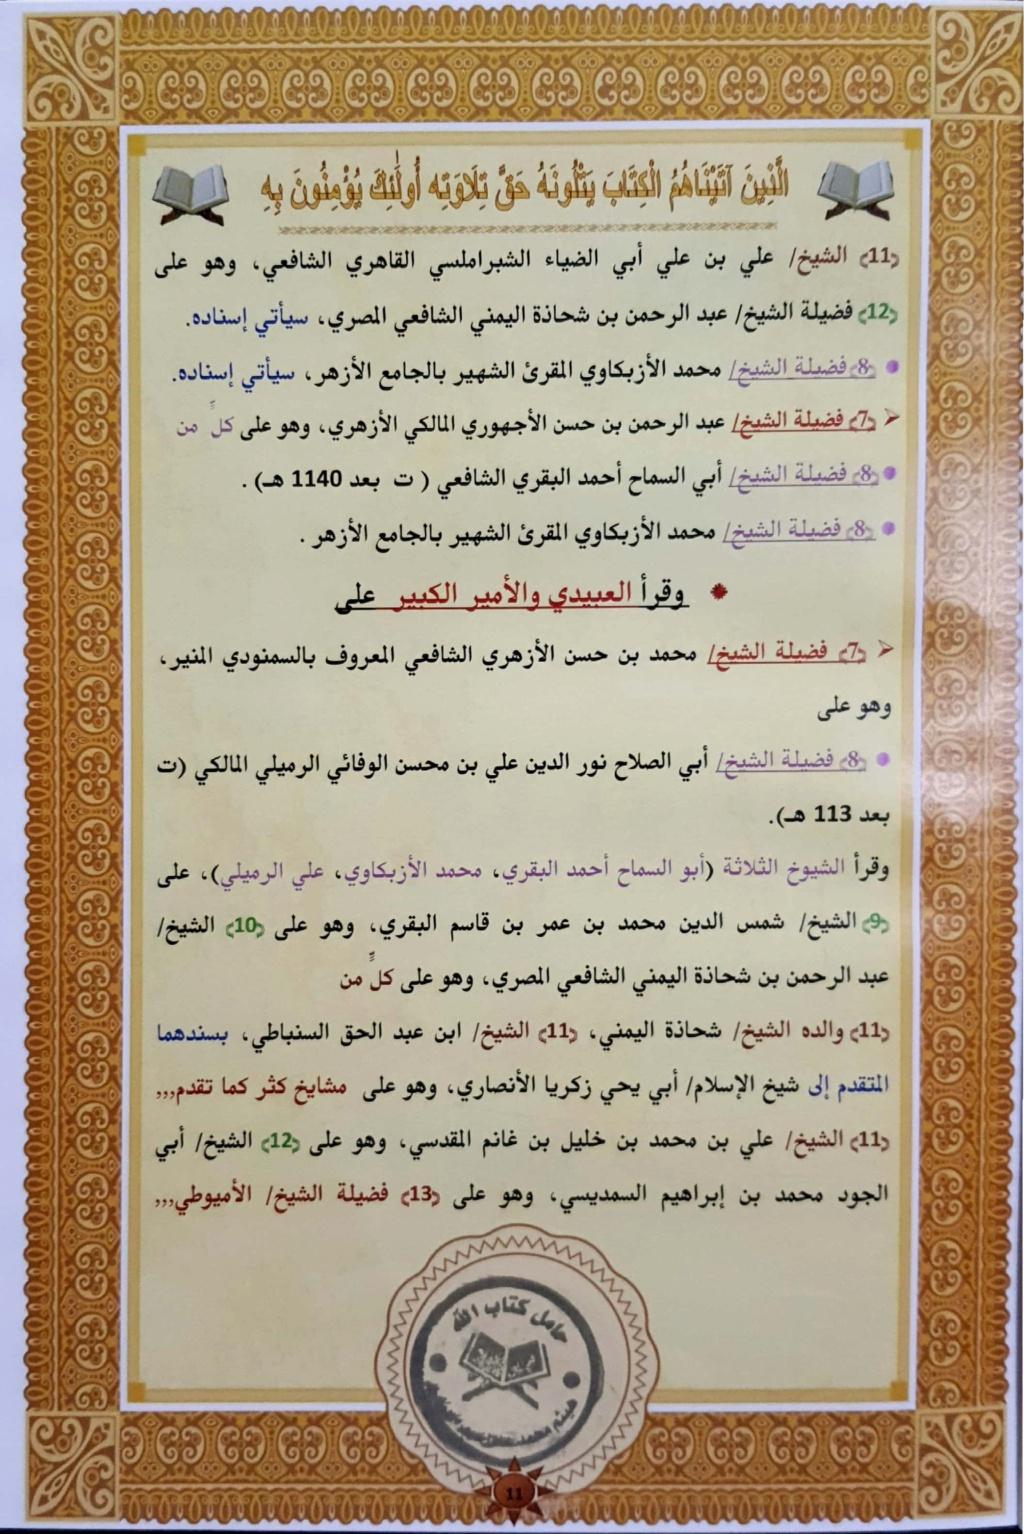 إجازة الشيخ أحمد محمد لبن بقراءة الإمام عاصم  Aeo_aa26